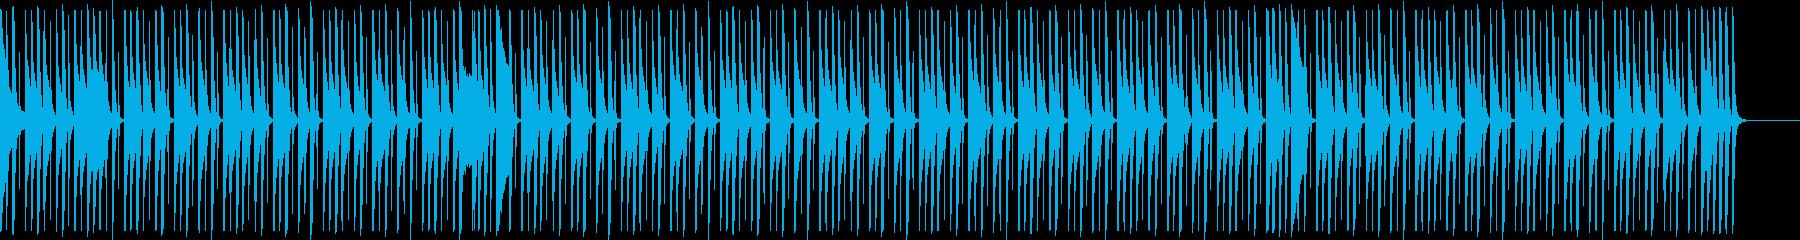 軽快テクノポップ♪楽しいコミカル♪アニメの再生済みの波形